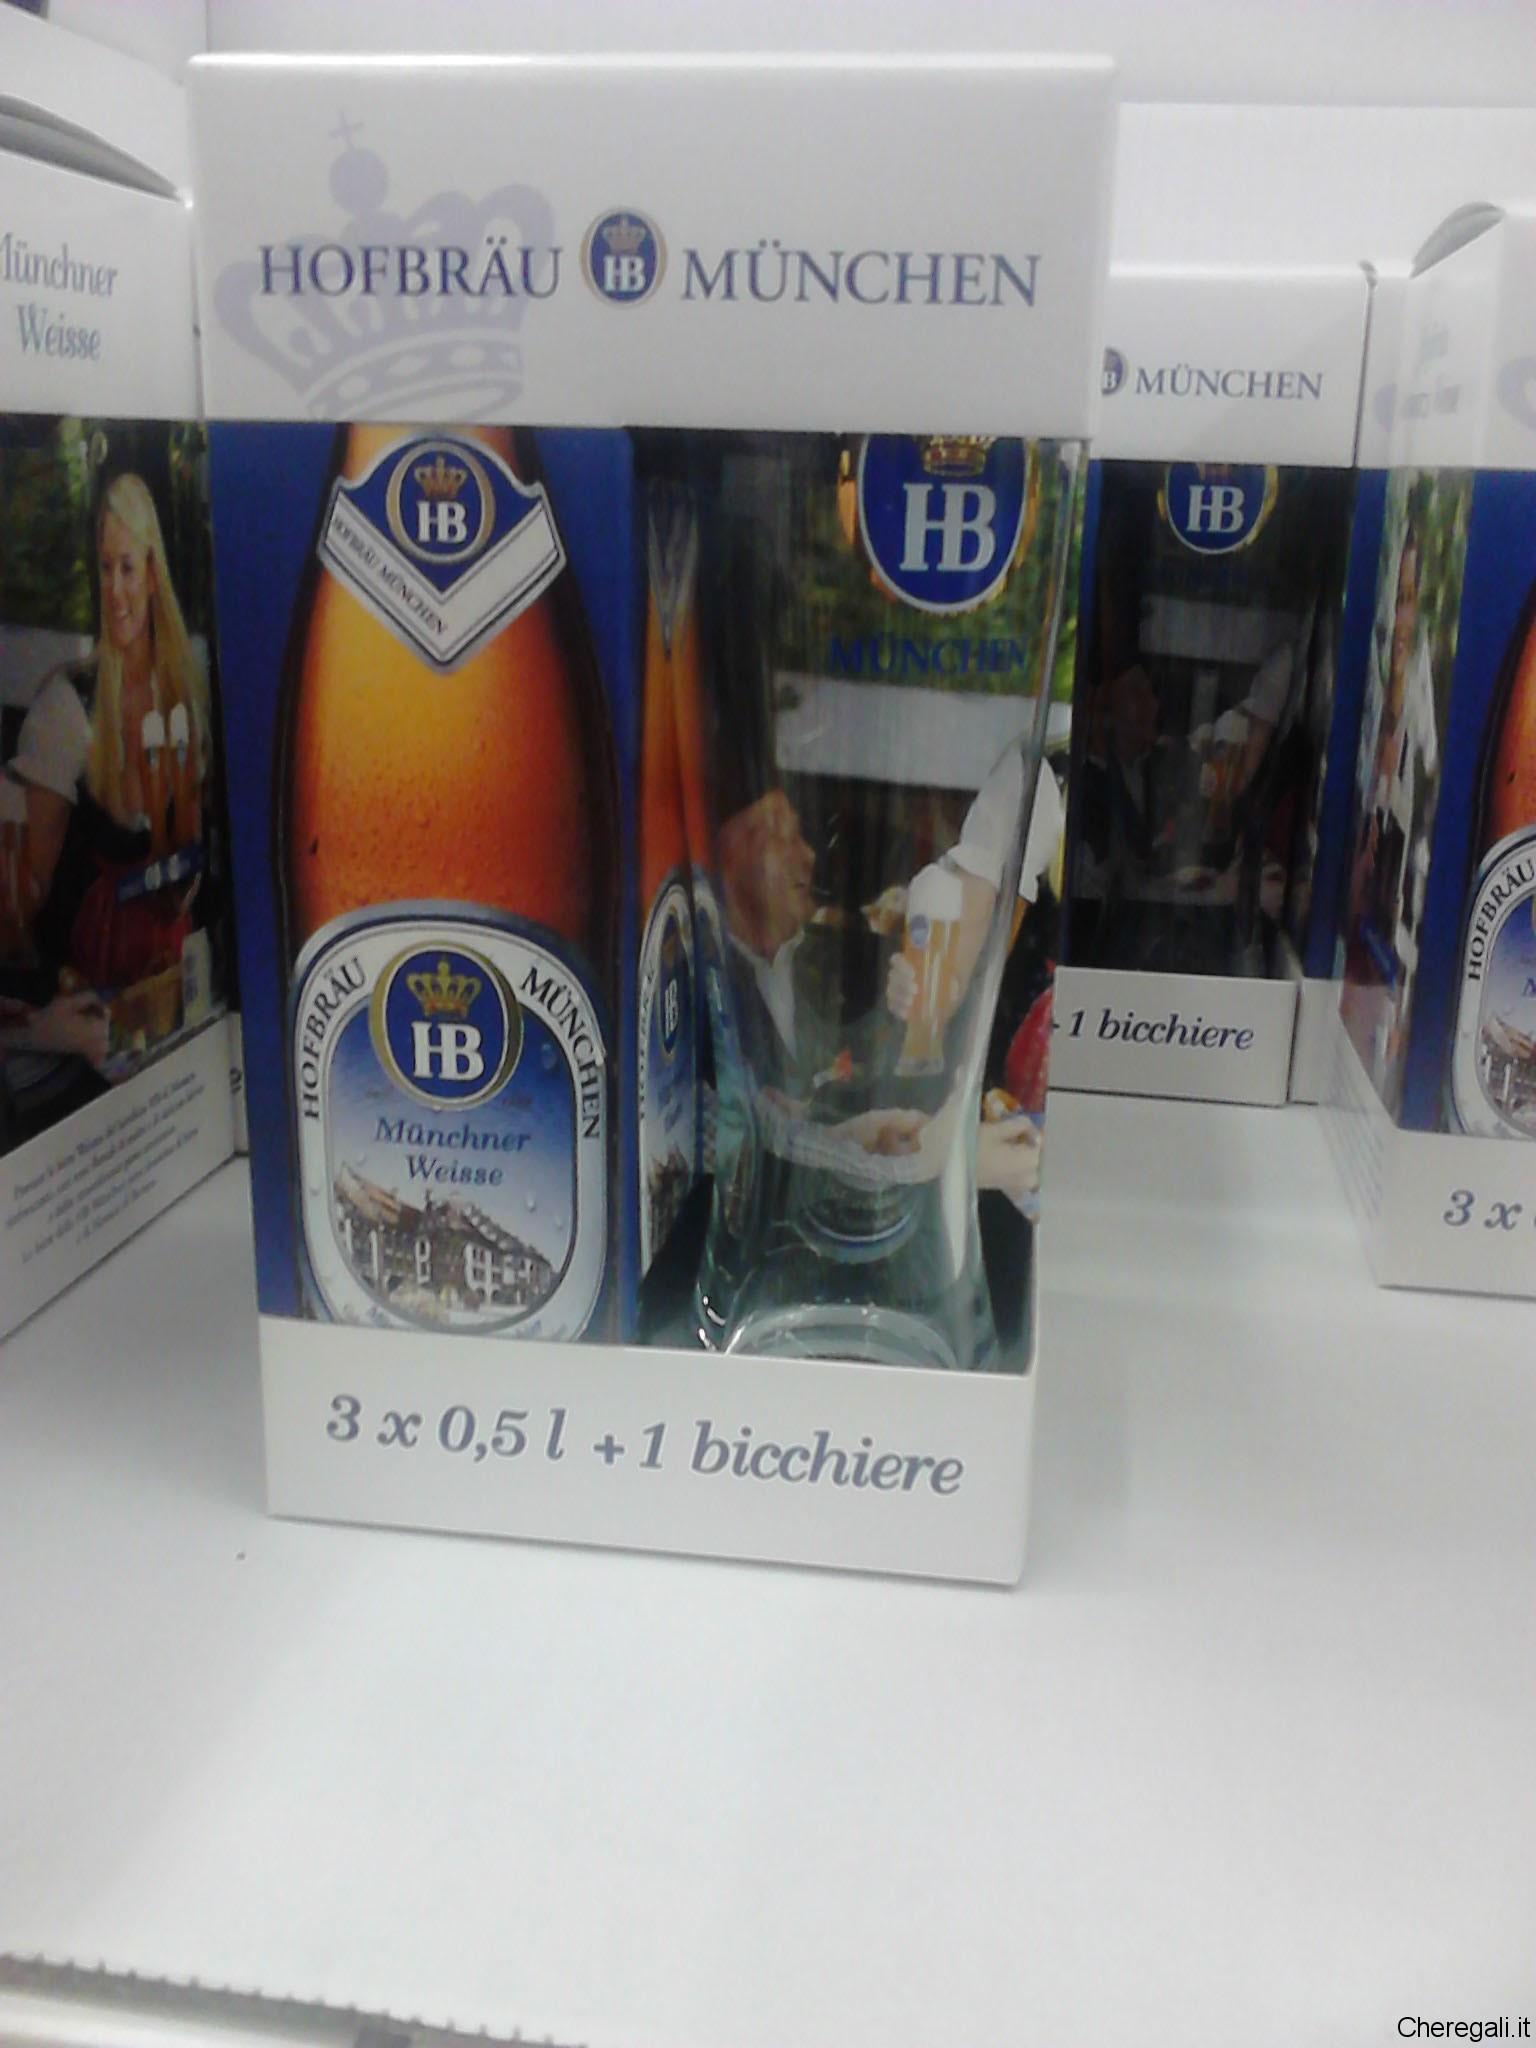 hafbrau-bicchiere